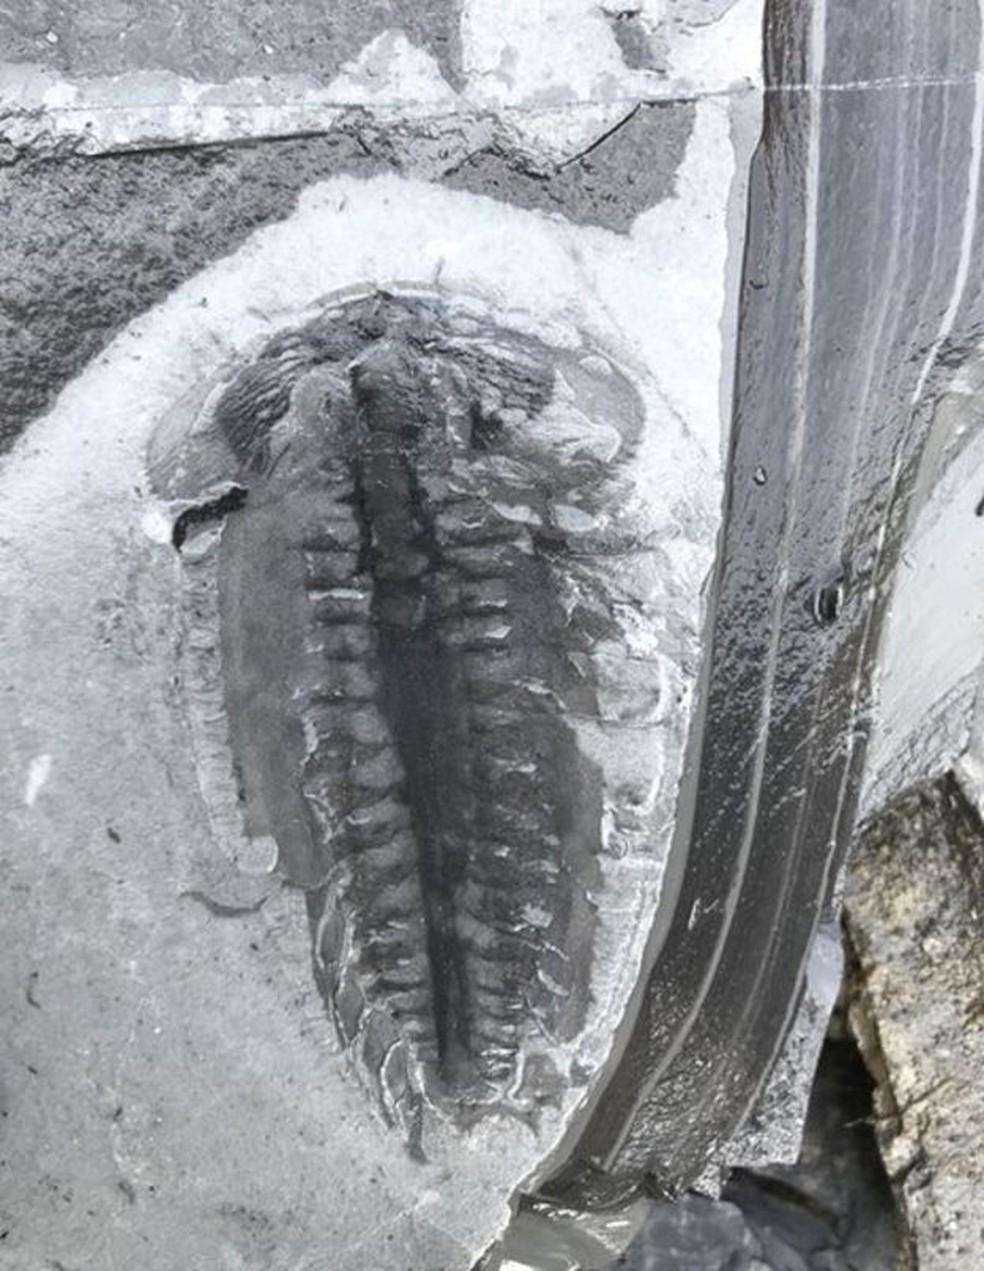 Mais de 20 mil amostras foram coletadas, e um total de 4.351 fósseis foram analisados até agora — Foto: ROBERT GAINES/BBC